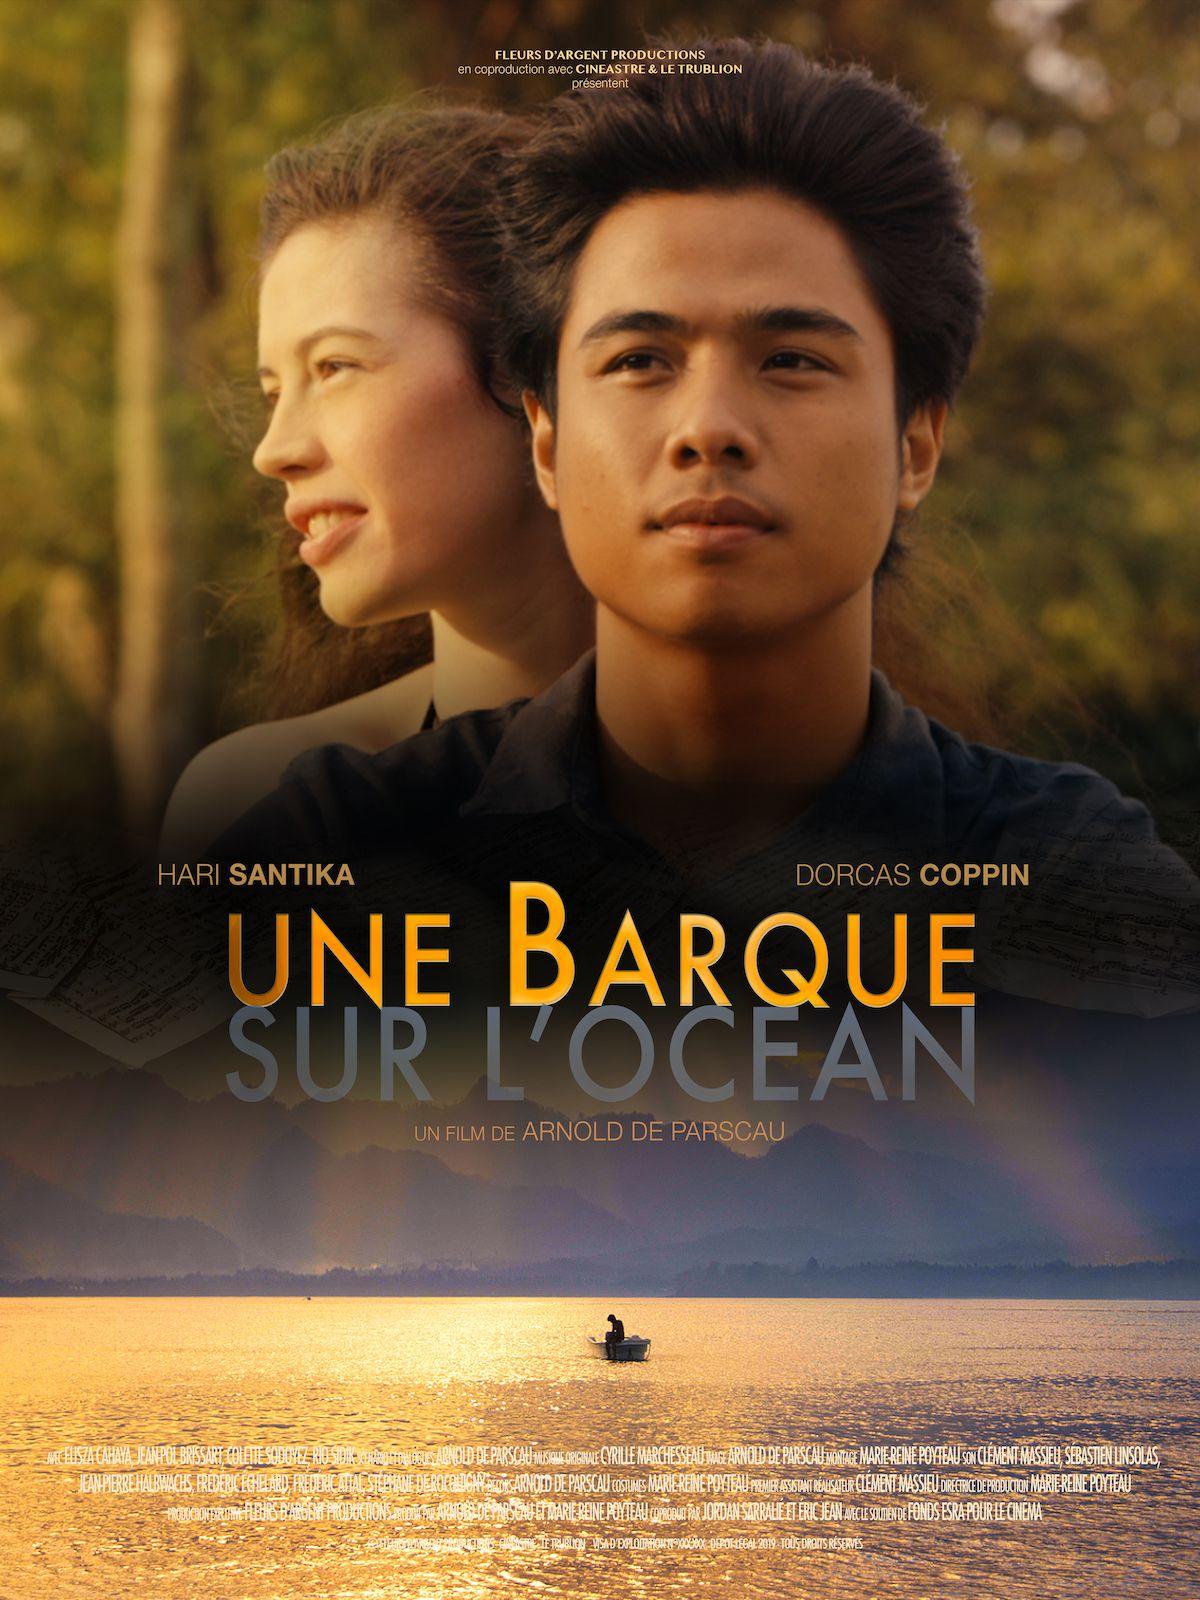 Une barque sur l'océan - Film (2020)